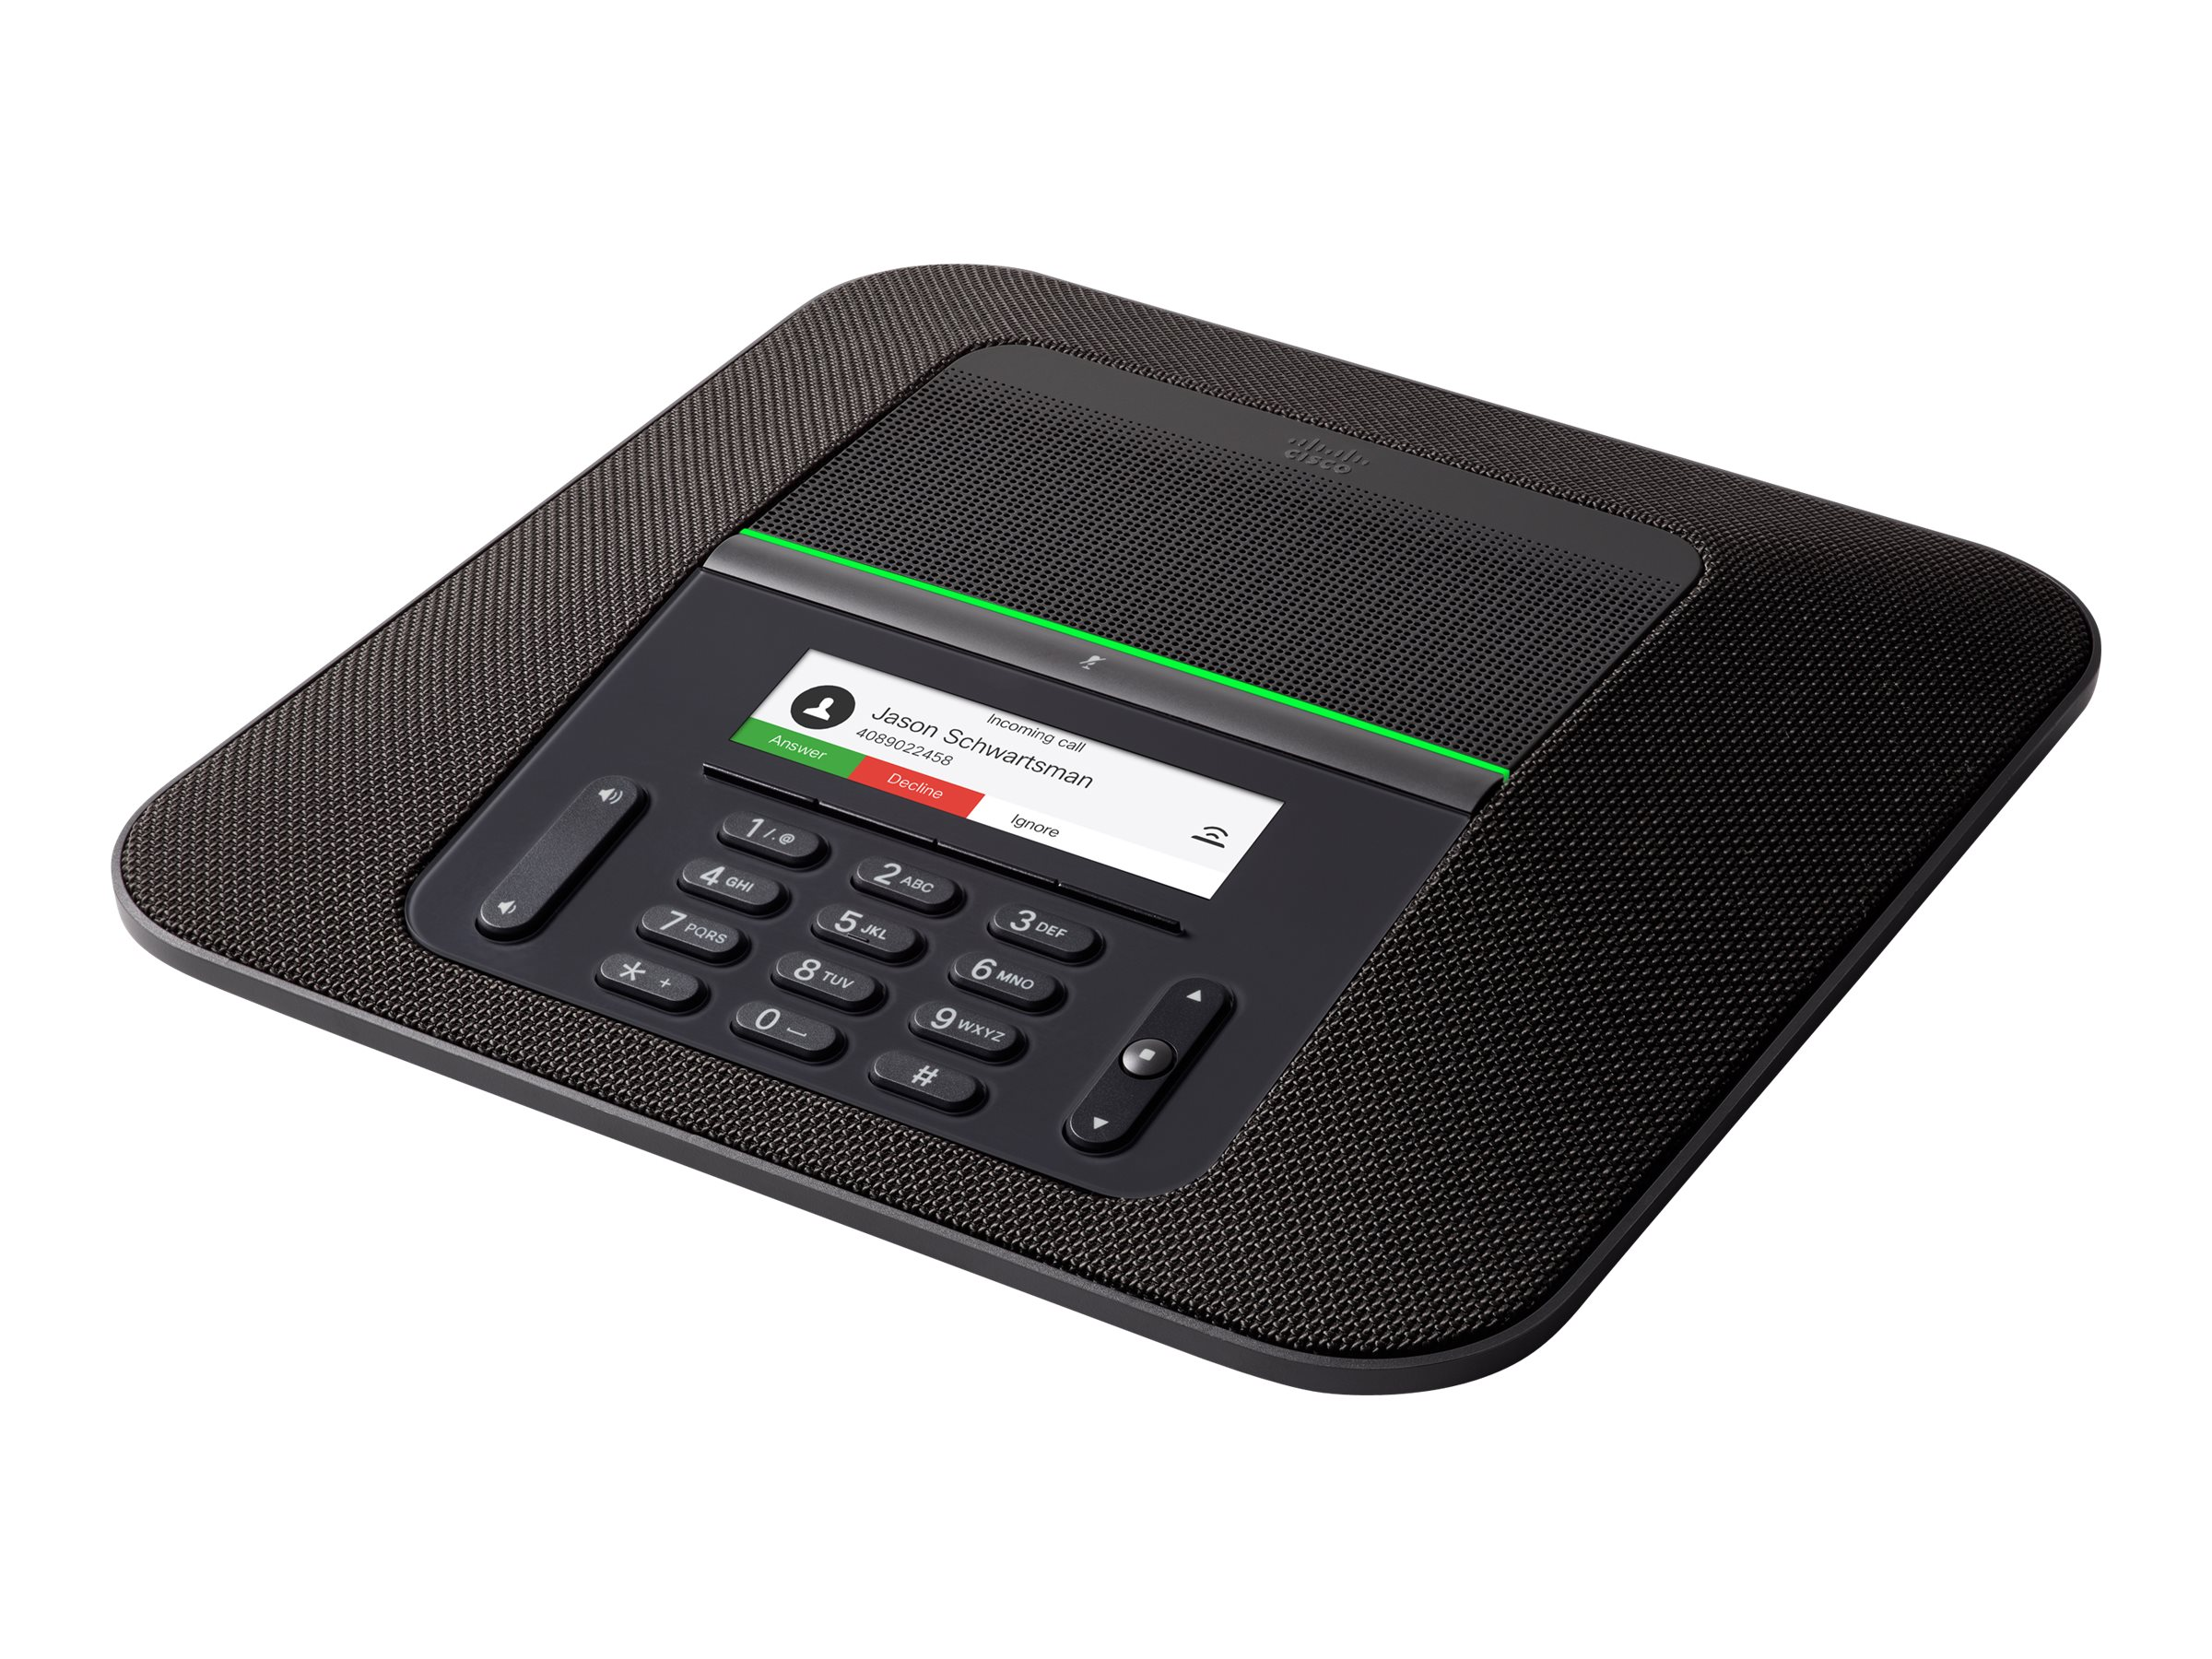 Cisco IP Conference Phone 8832 - VoIP-Konferenztelefon - SIP - holzkohlefarben